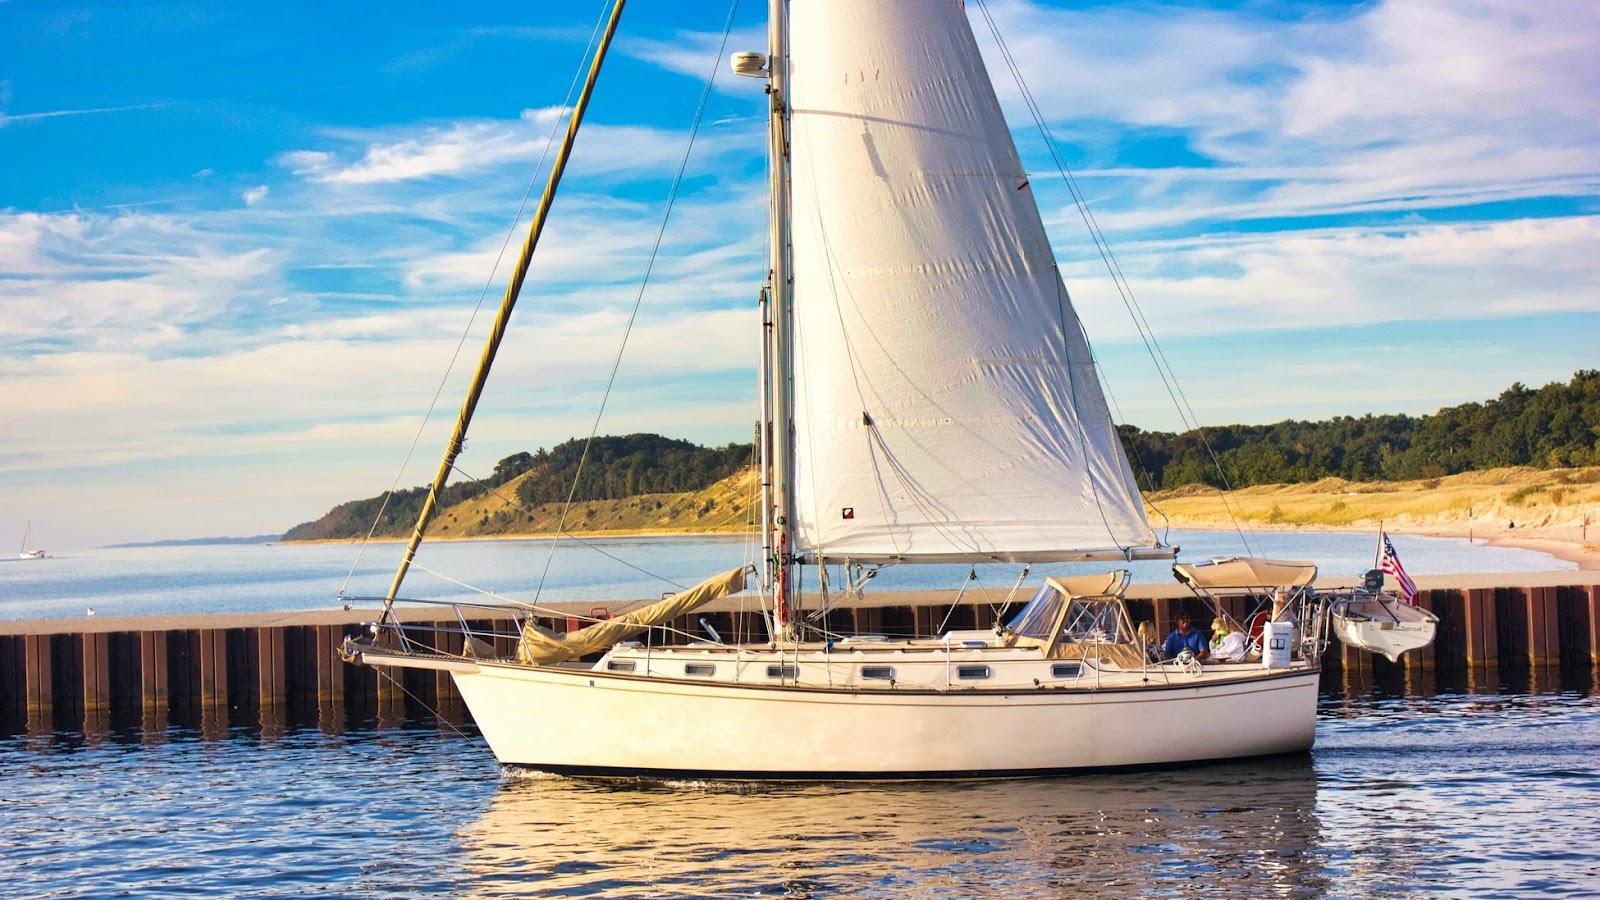 как устроена парусная яхта? Что такое гик?